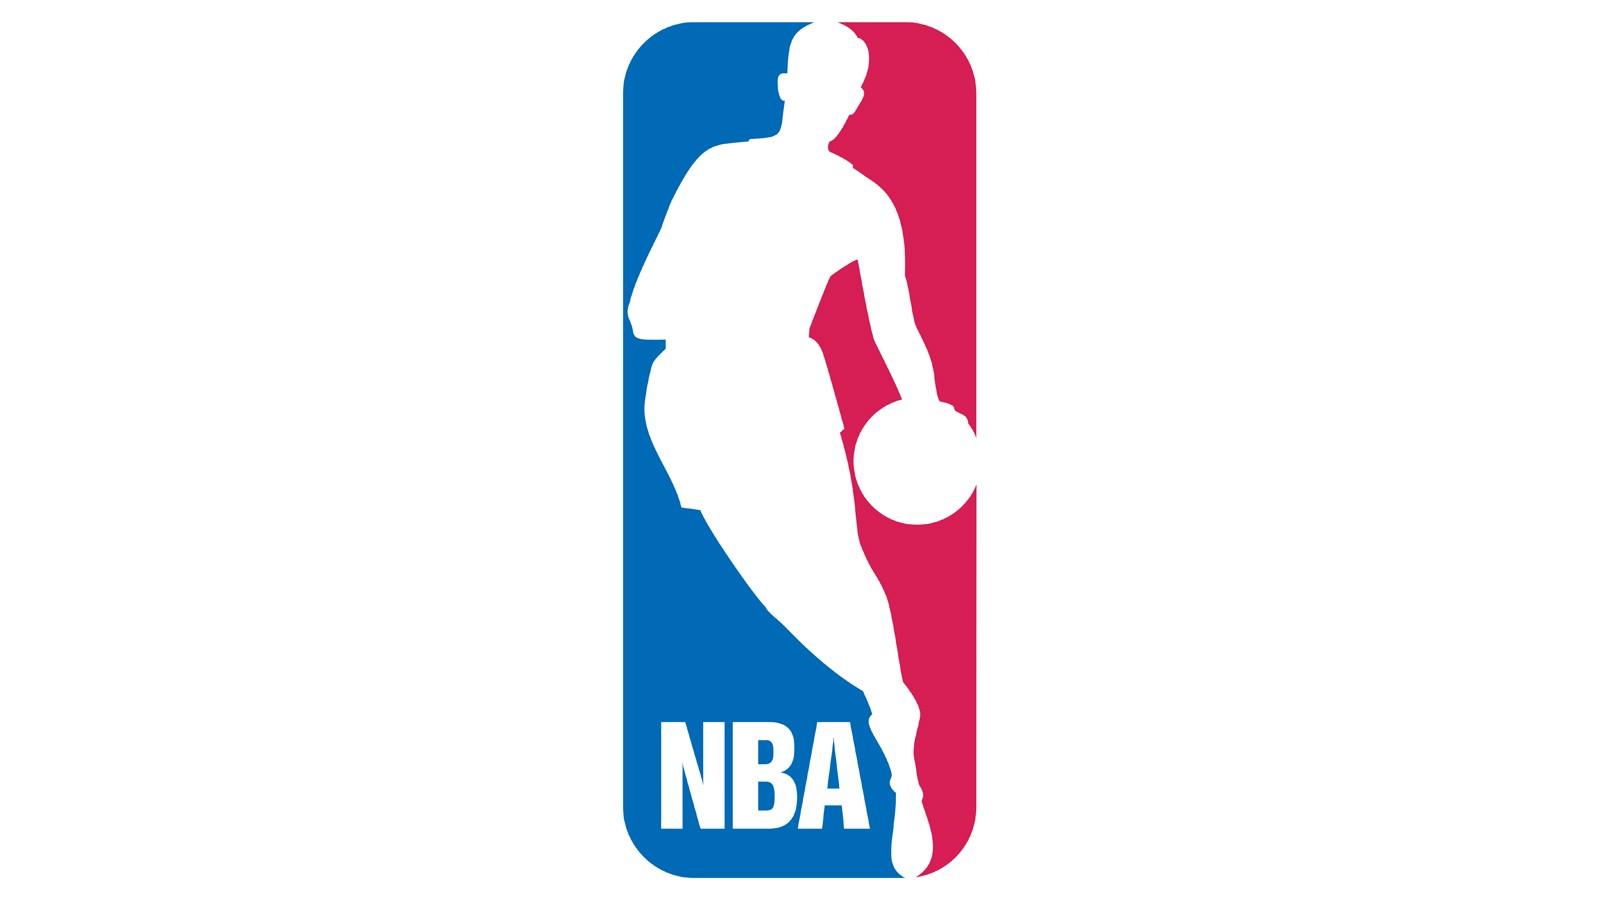 Pro αθλητικά πρωταθλήματα όπως το NBA, MLB για να περιορίσετε την πρόσβαση αποδυτήρια επ ' αόριστον για την καταπολέμηση του ιού